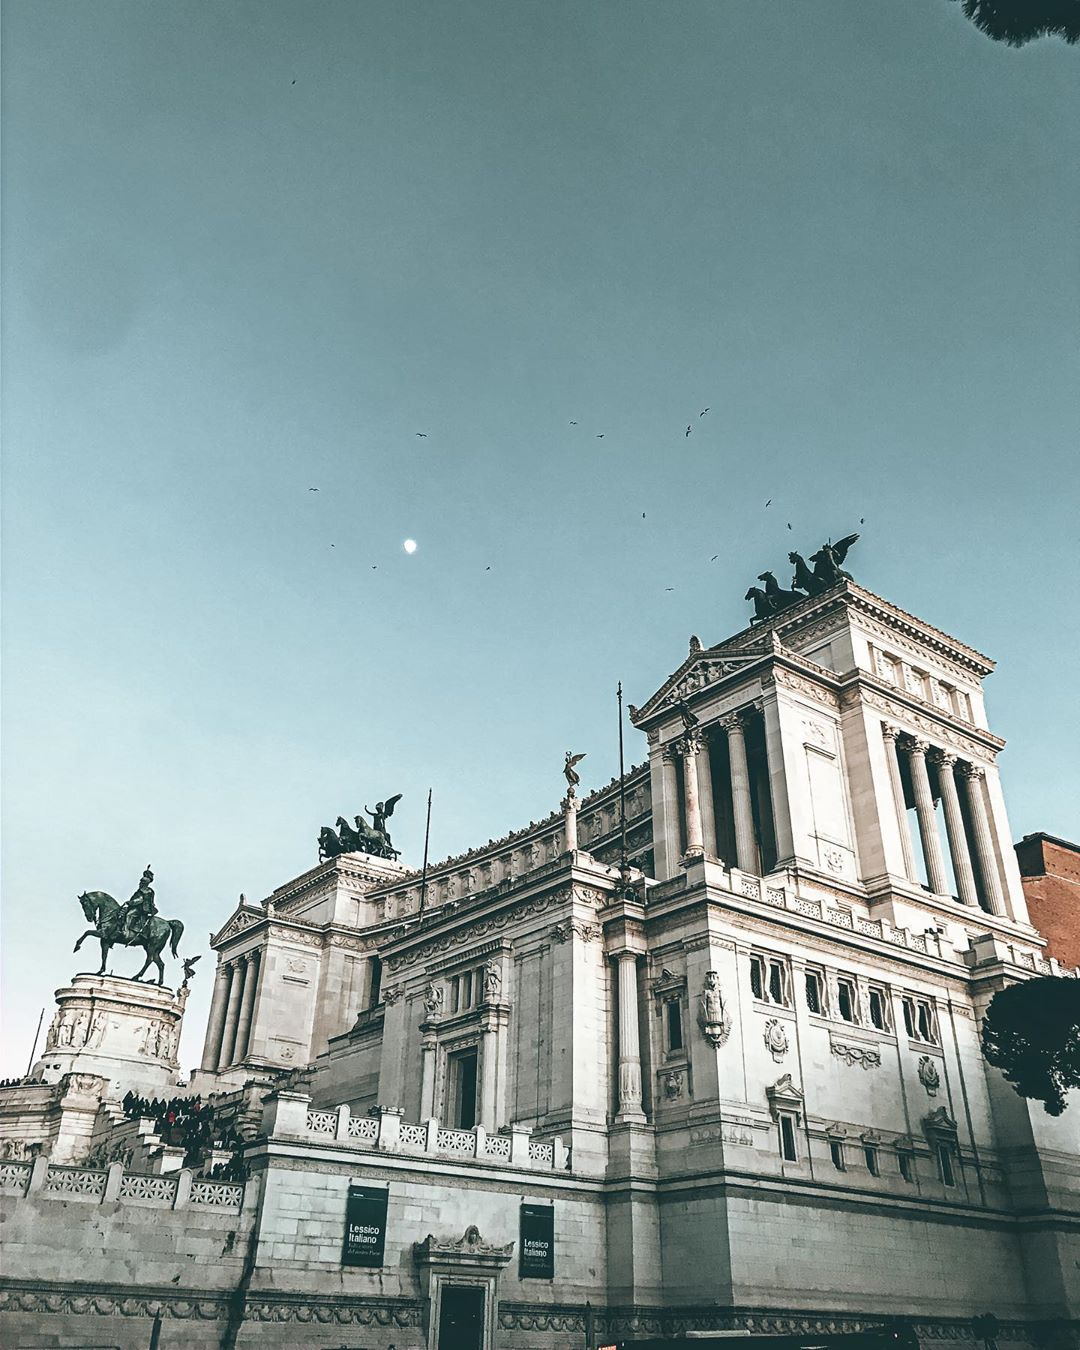 Gedung Altare Della Patria